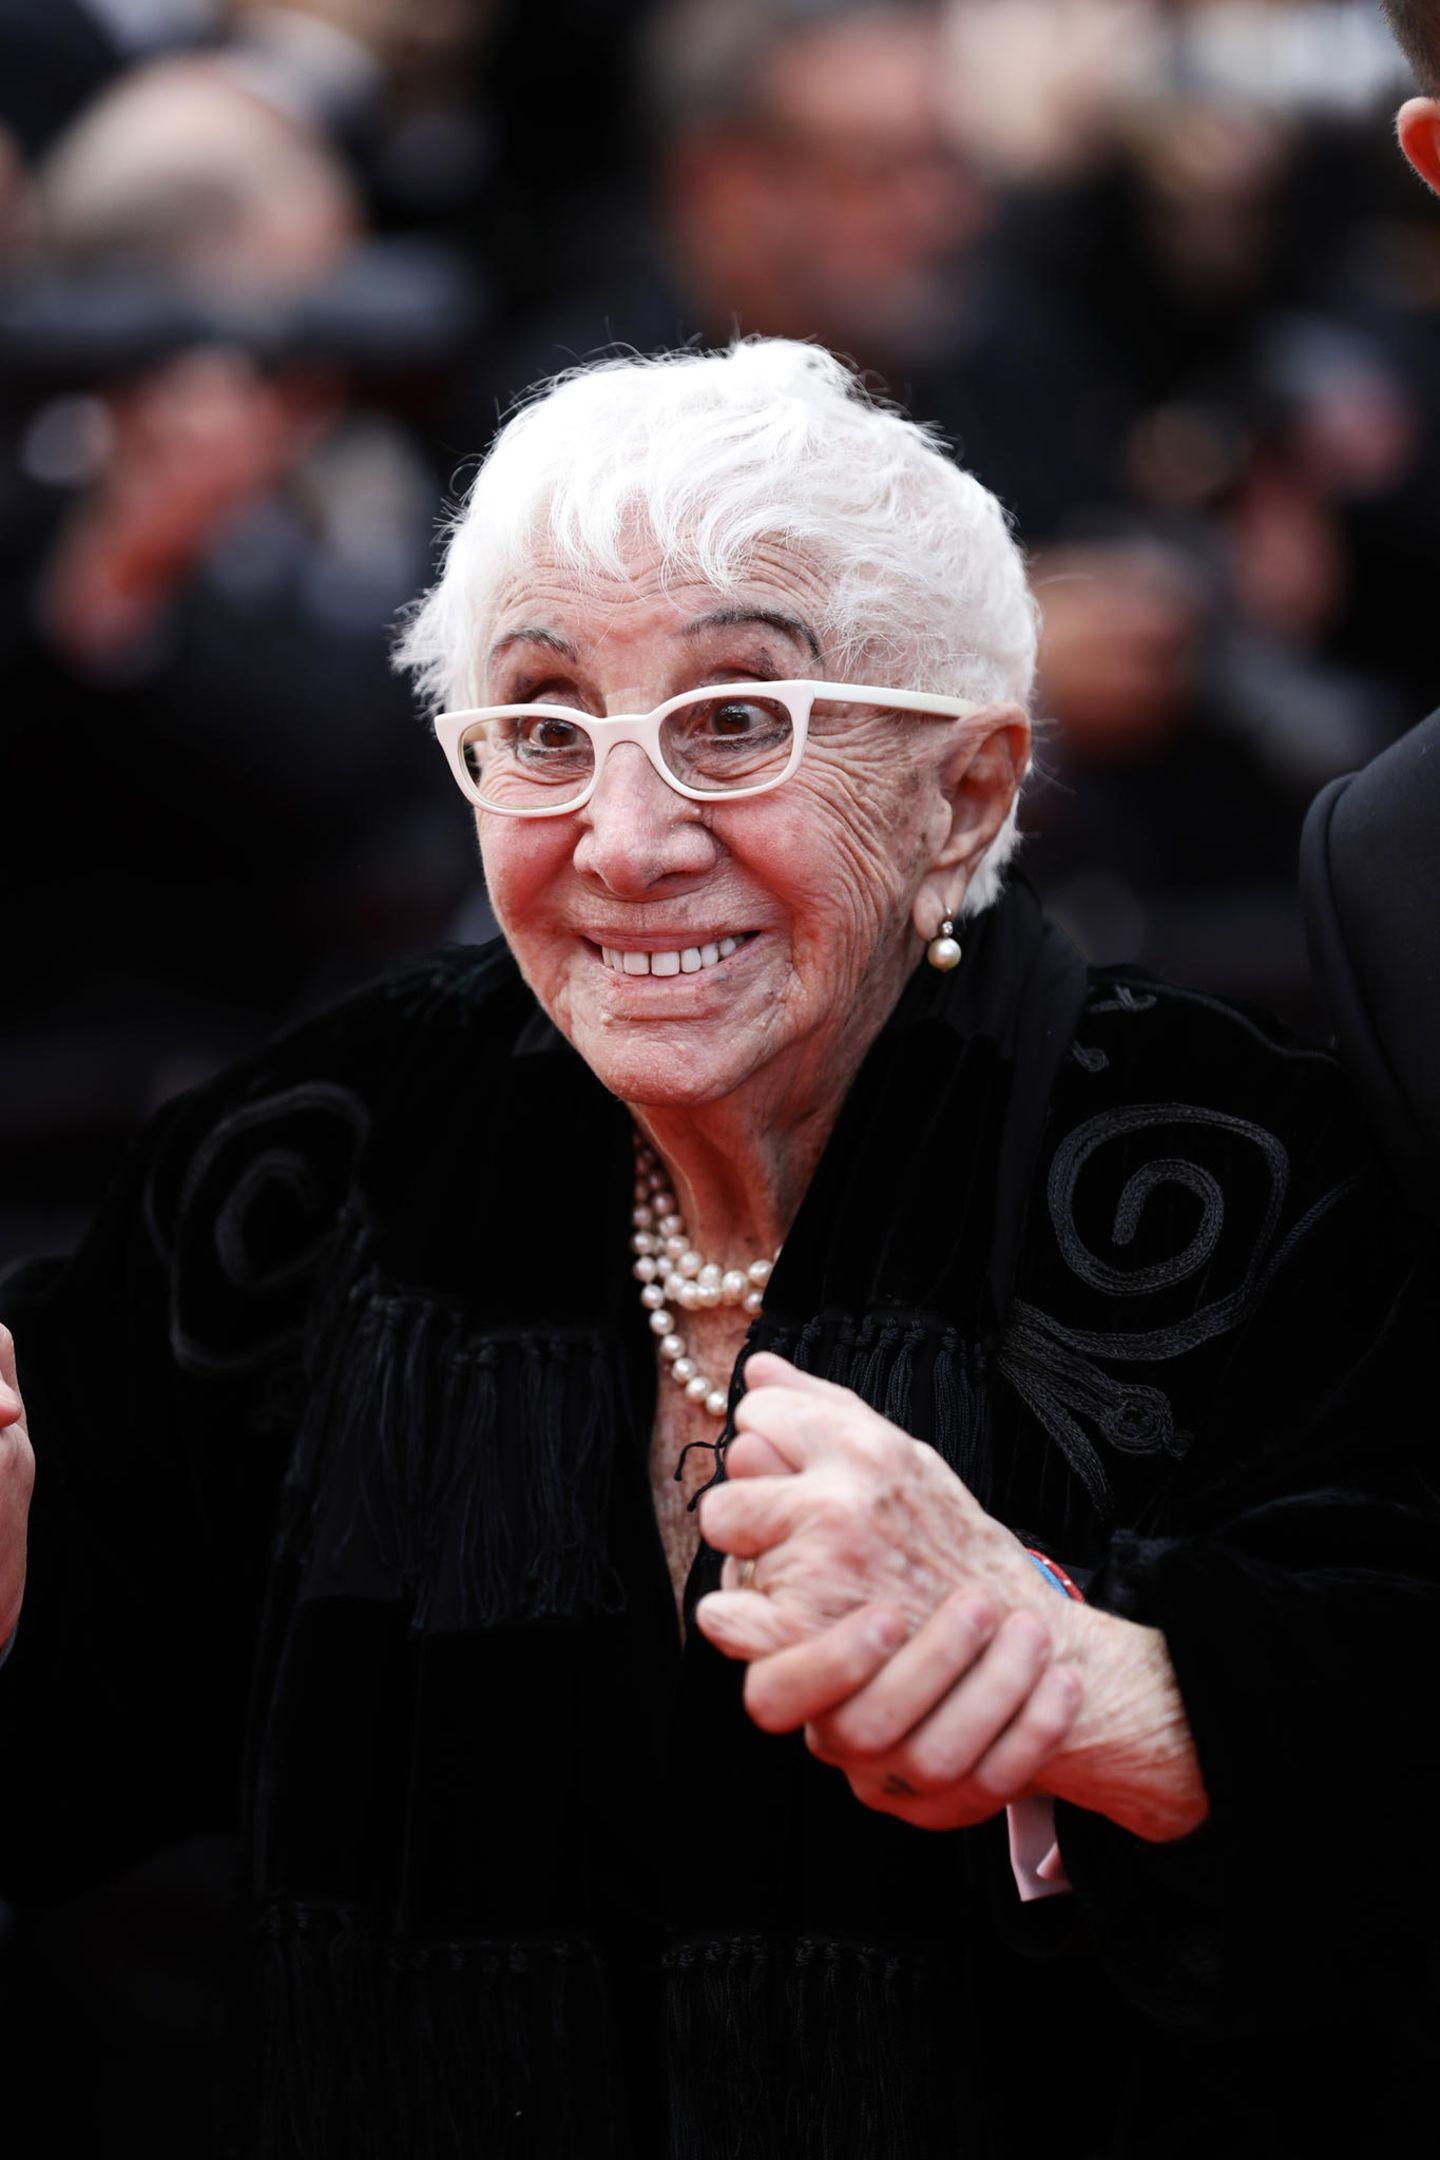 Die 90-Jährige RegisseurinLina Wertmüller freut sich sichtlich, wieder bei den Filmfestspielen in Cannes dabei zu sein.